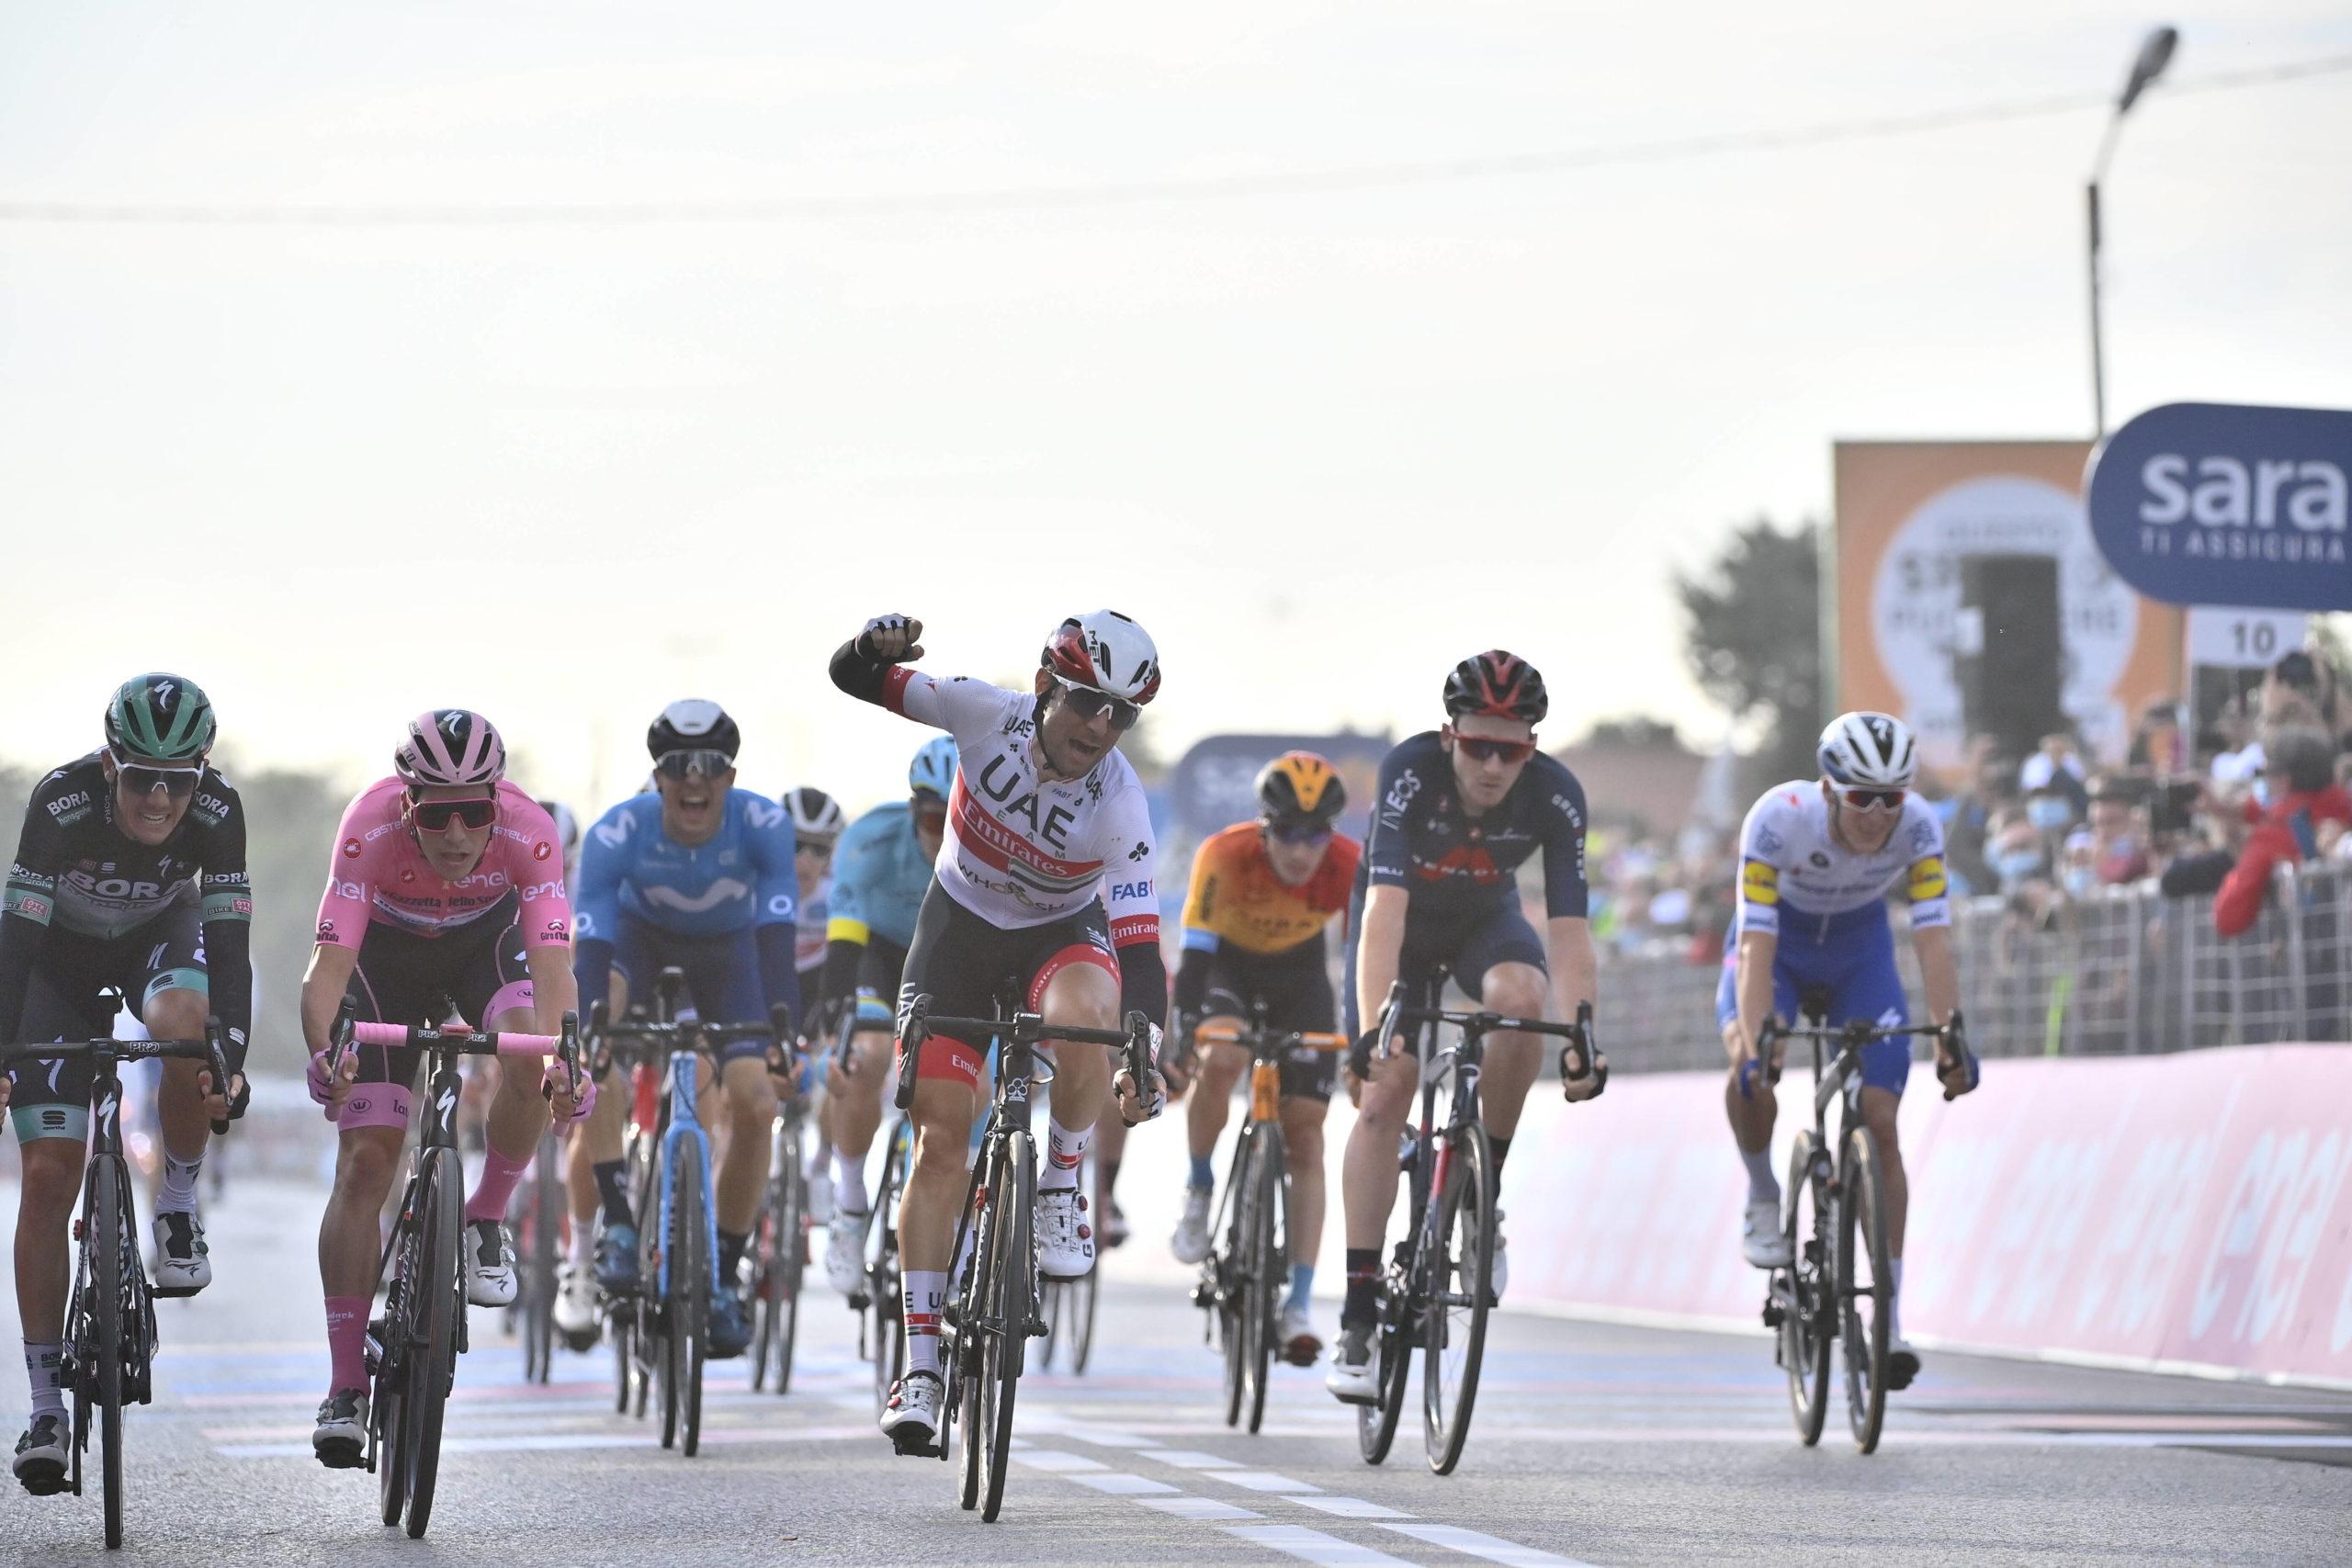 Vuelta-sejr til Jasper Philipsen. To danskere i top-10